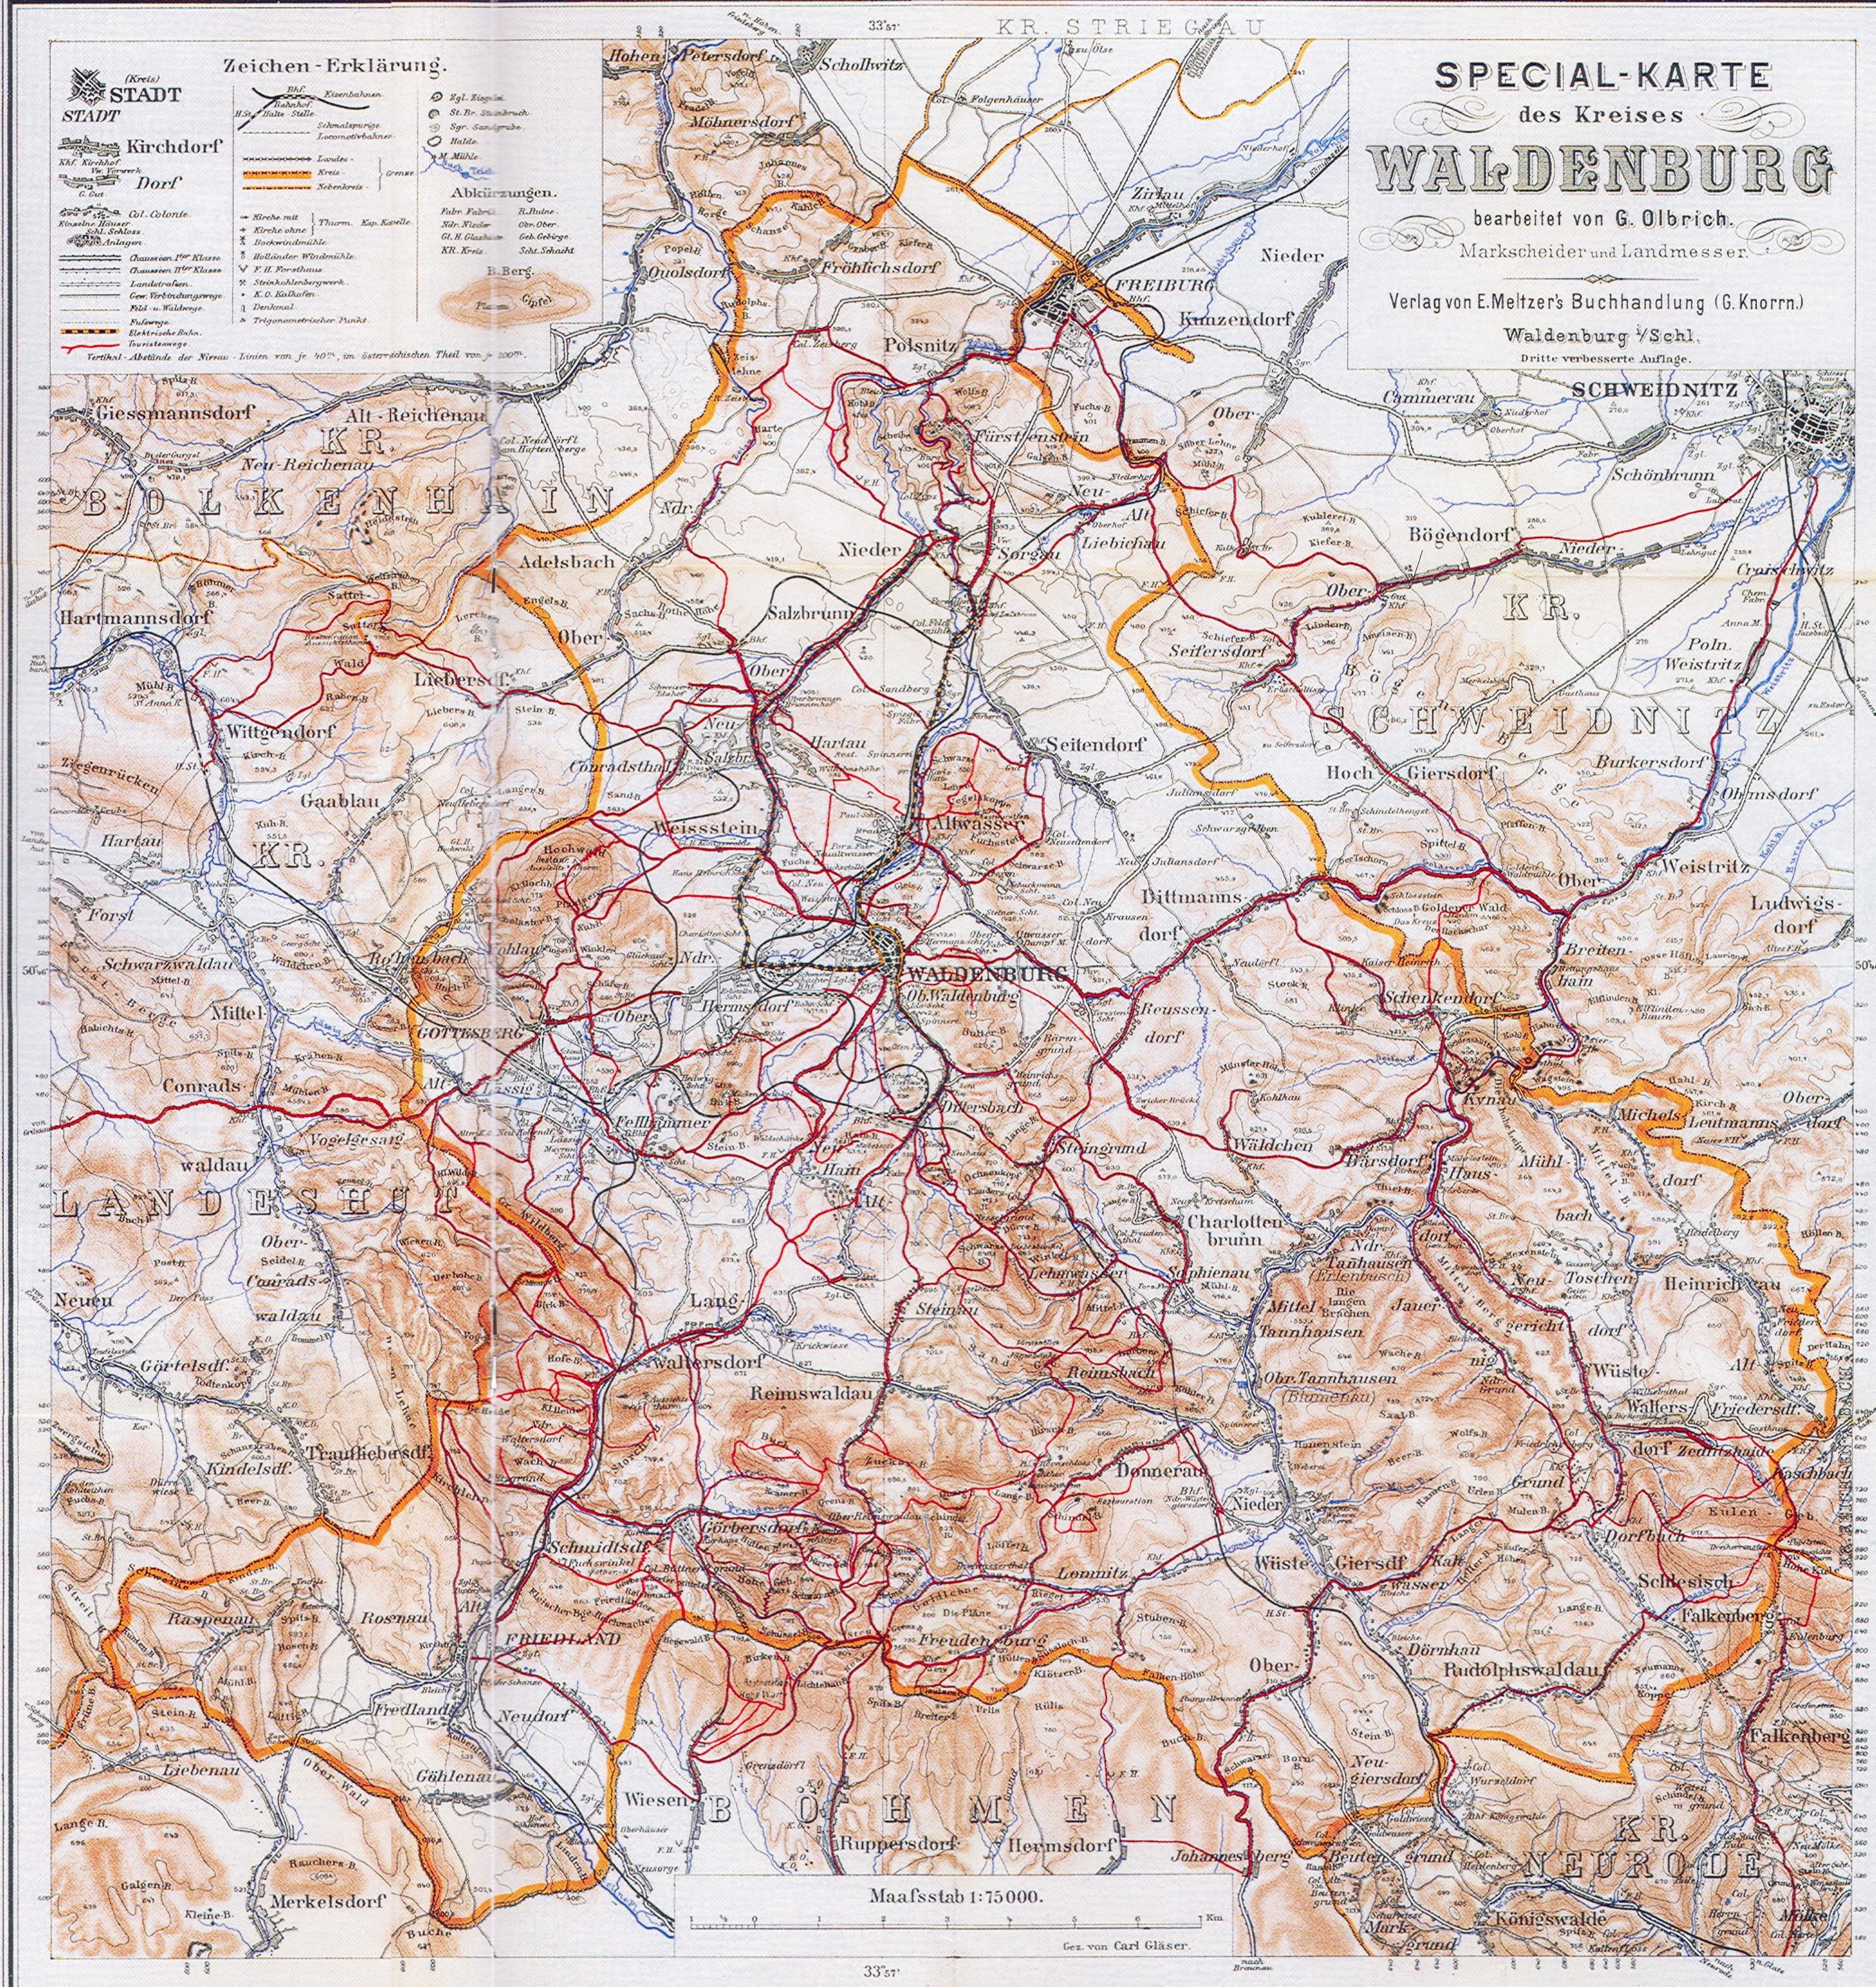 Mapy Regionu Walbrzych I Okolice Walbrzych Zdjecia